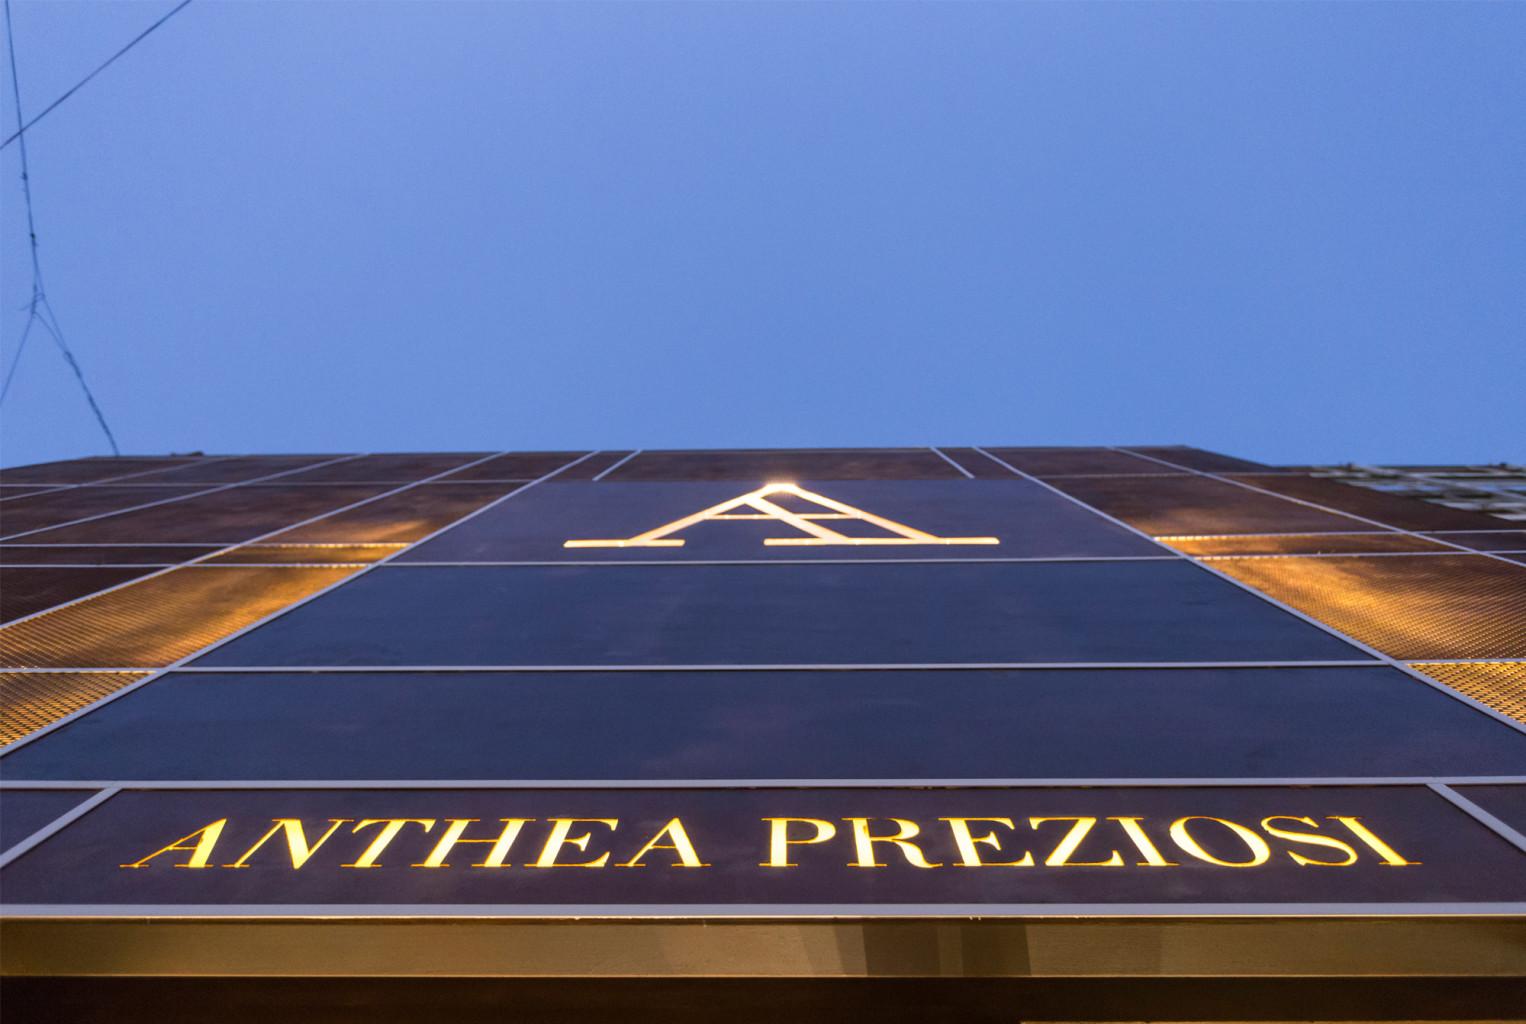 anthea-preziosi-photo-1